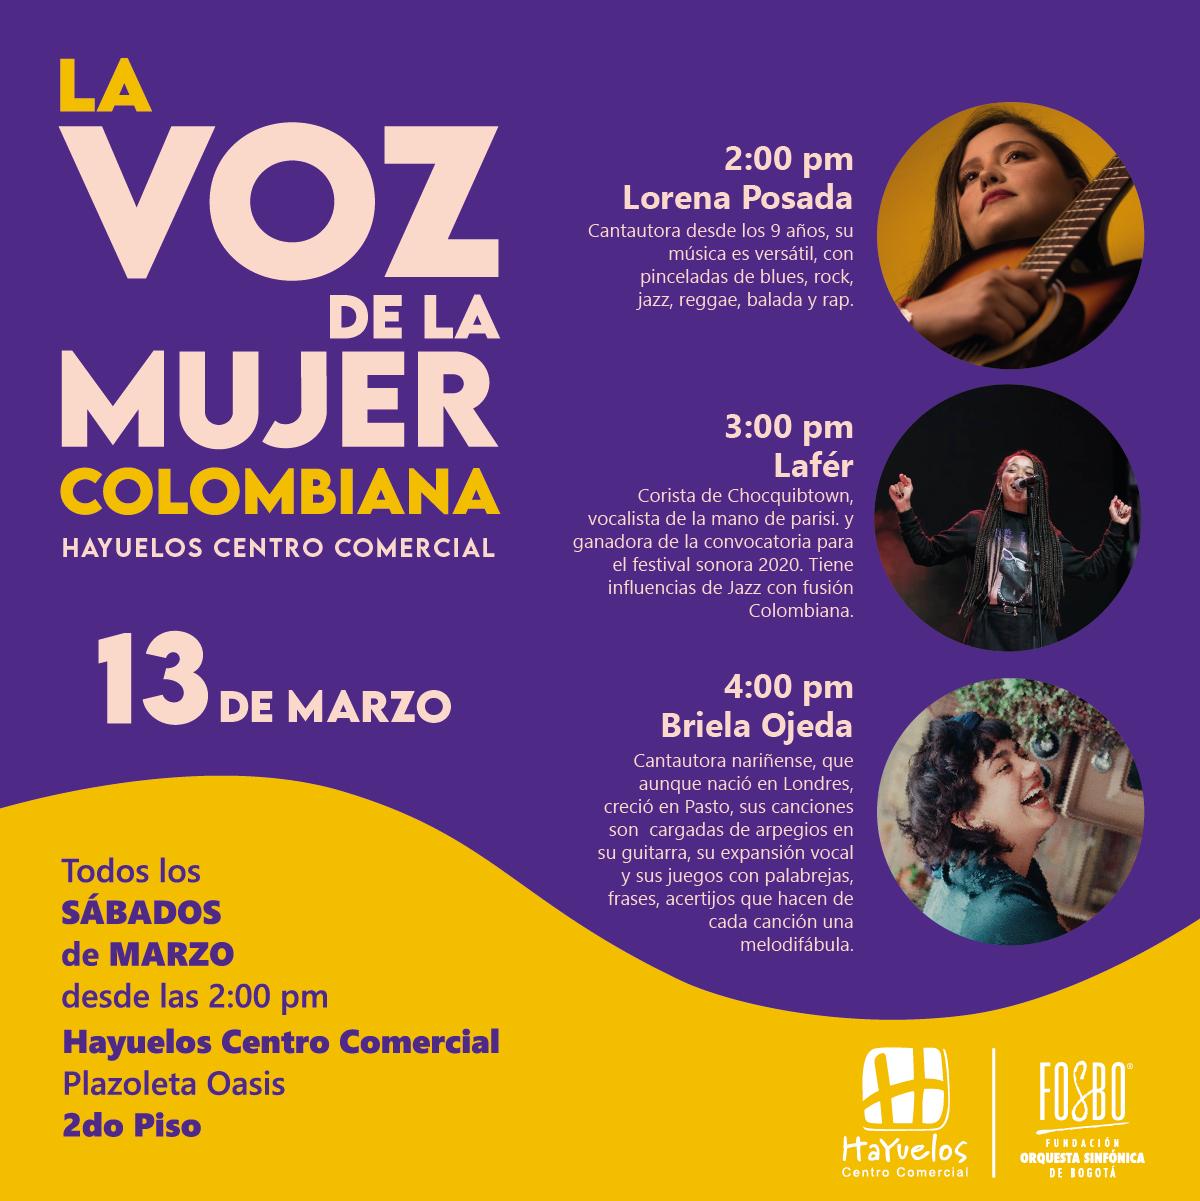 La voz de la mujer colombiana Hayuelos Fosbo